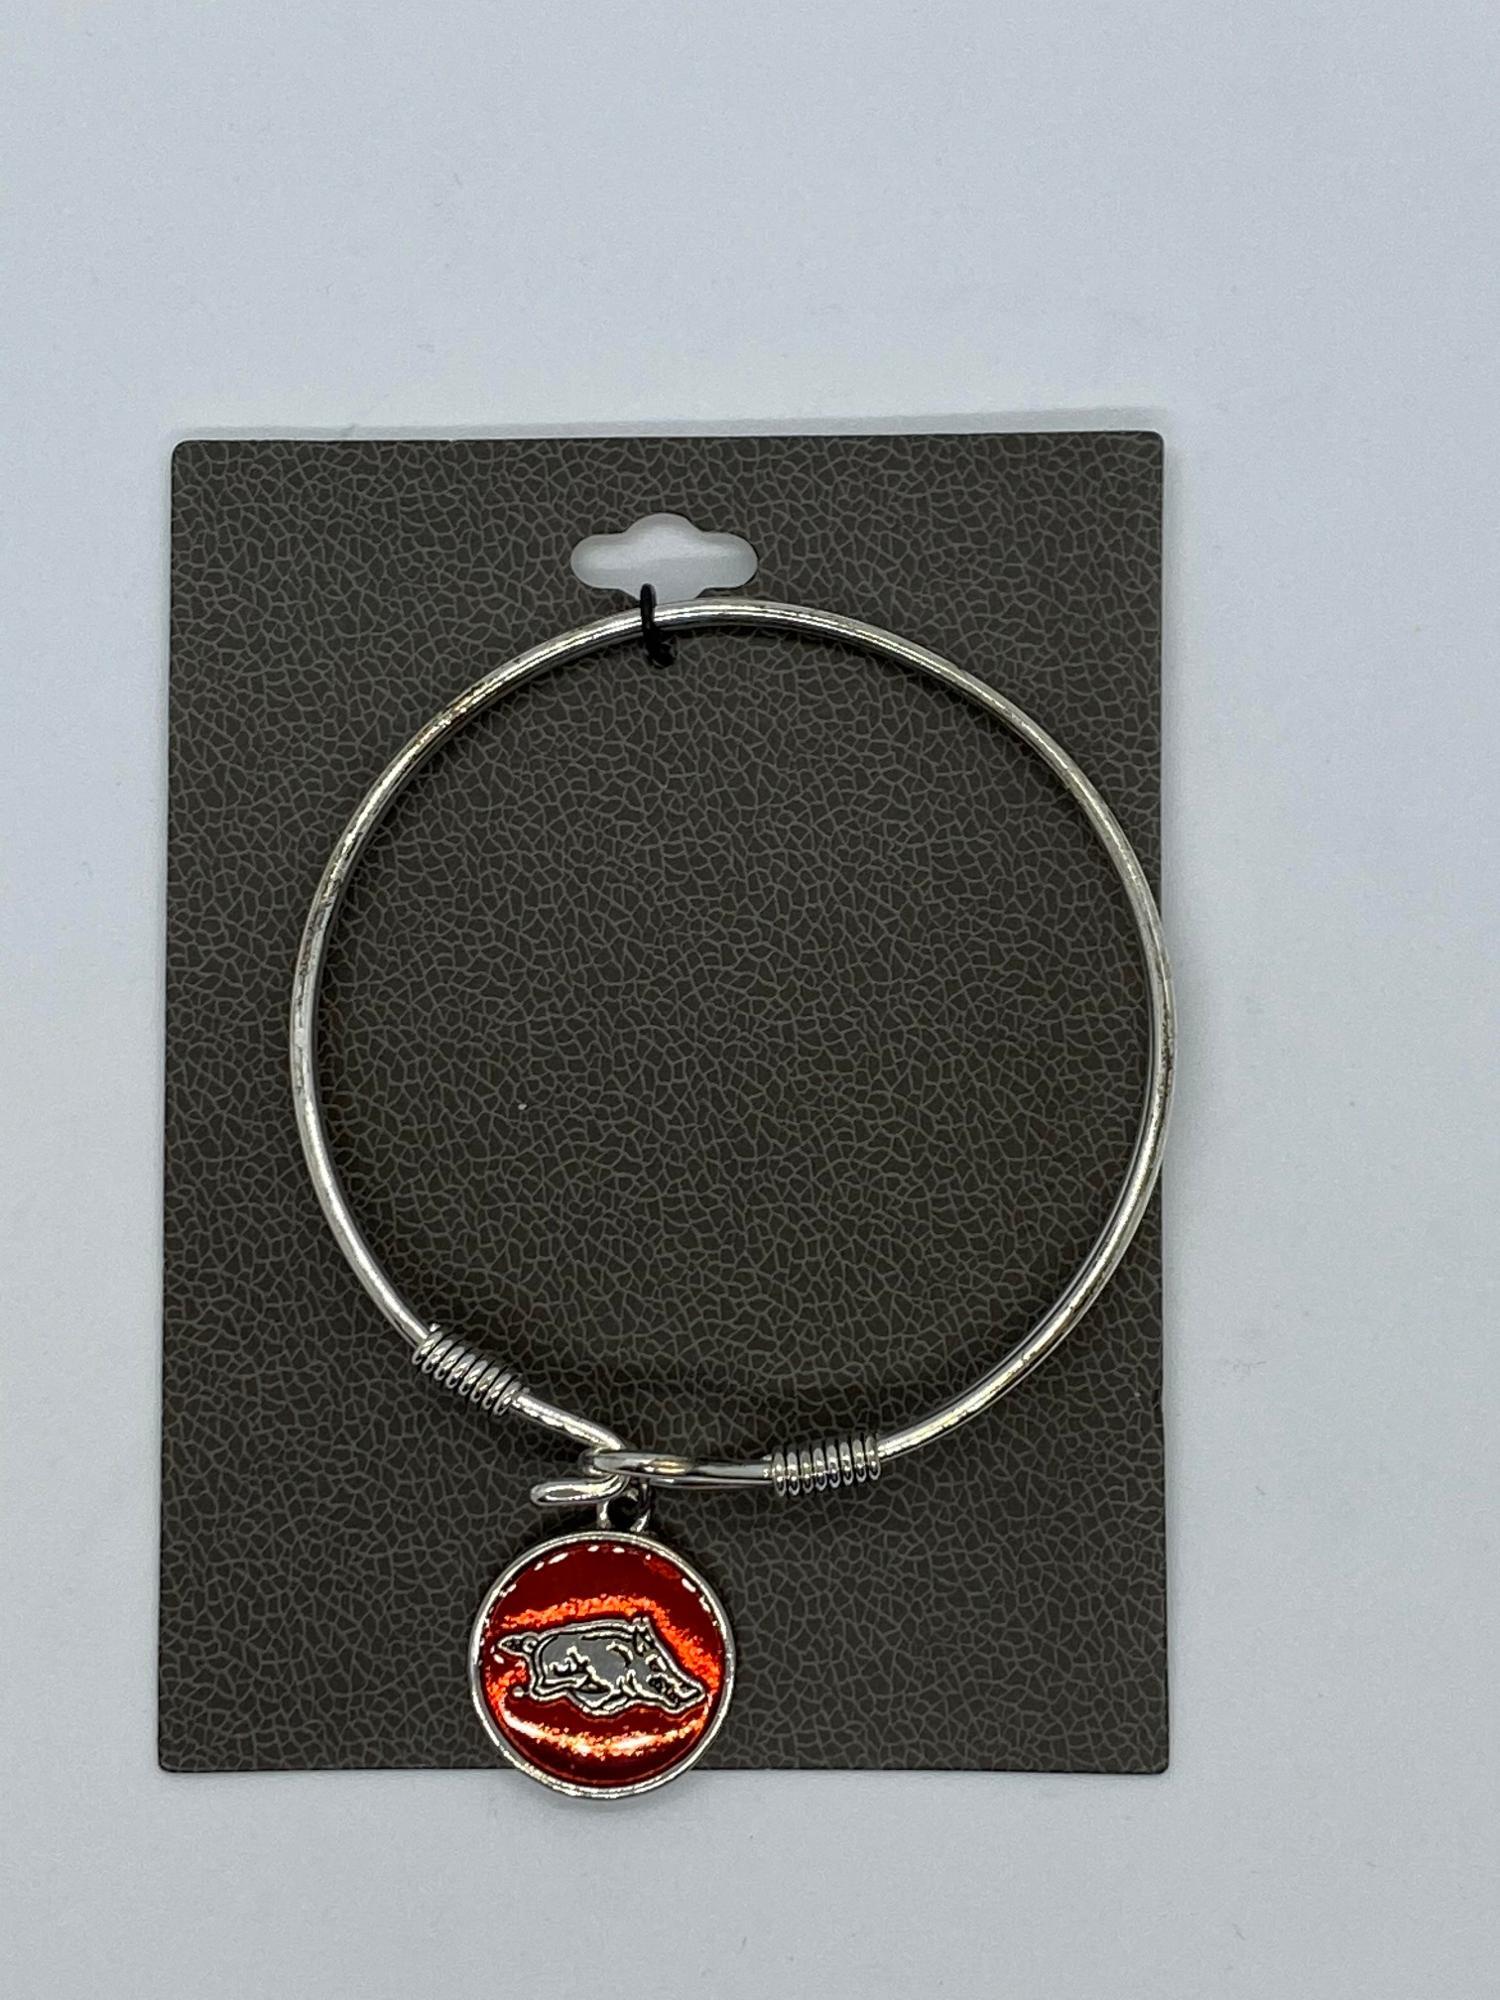 image of: Arkansas Razorbacks Bangle Bracelet Epoxy Charm